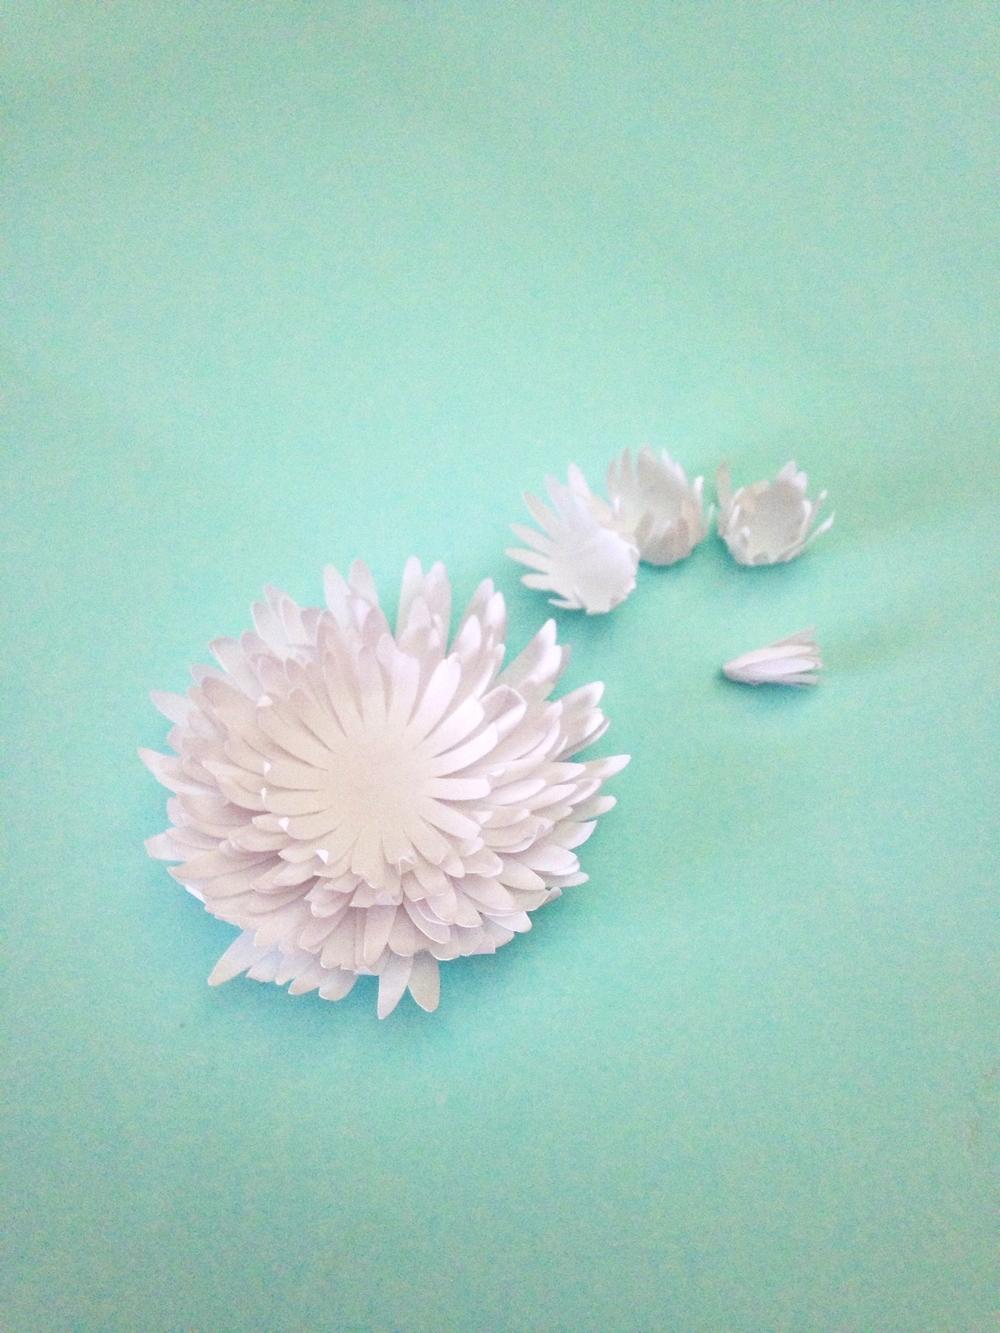 Как сделать цветок из бумаги хризантему